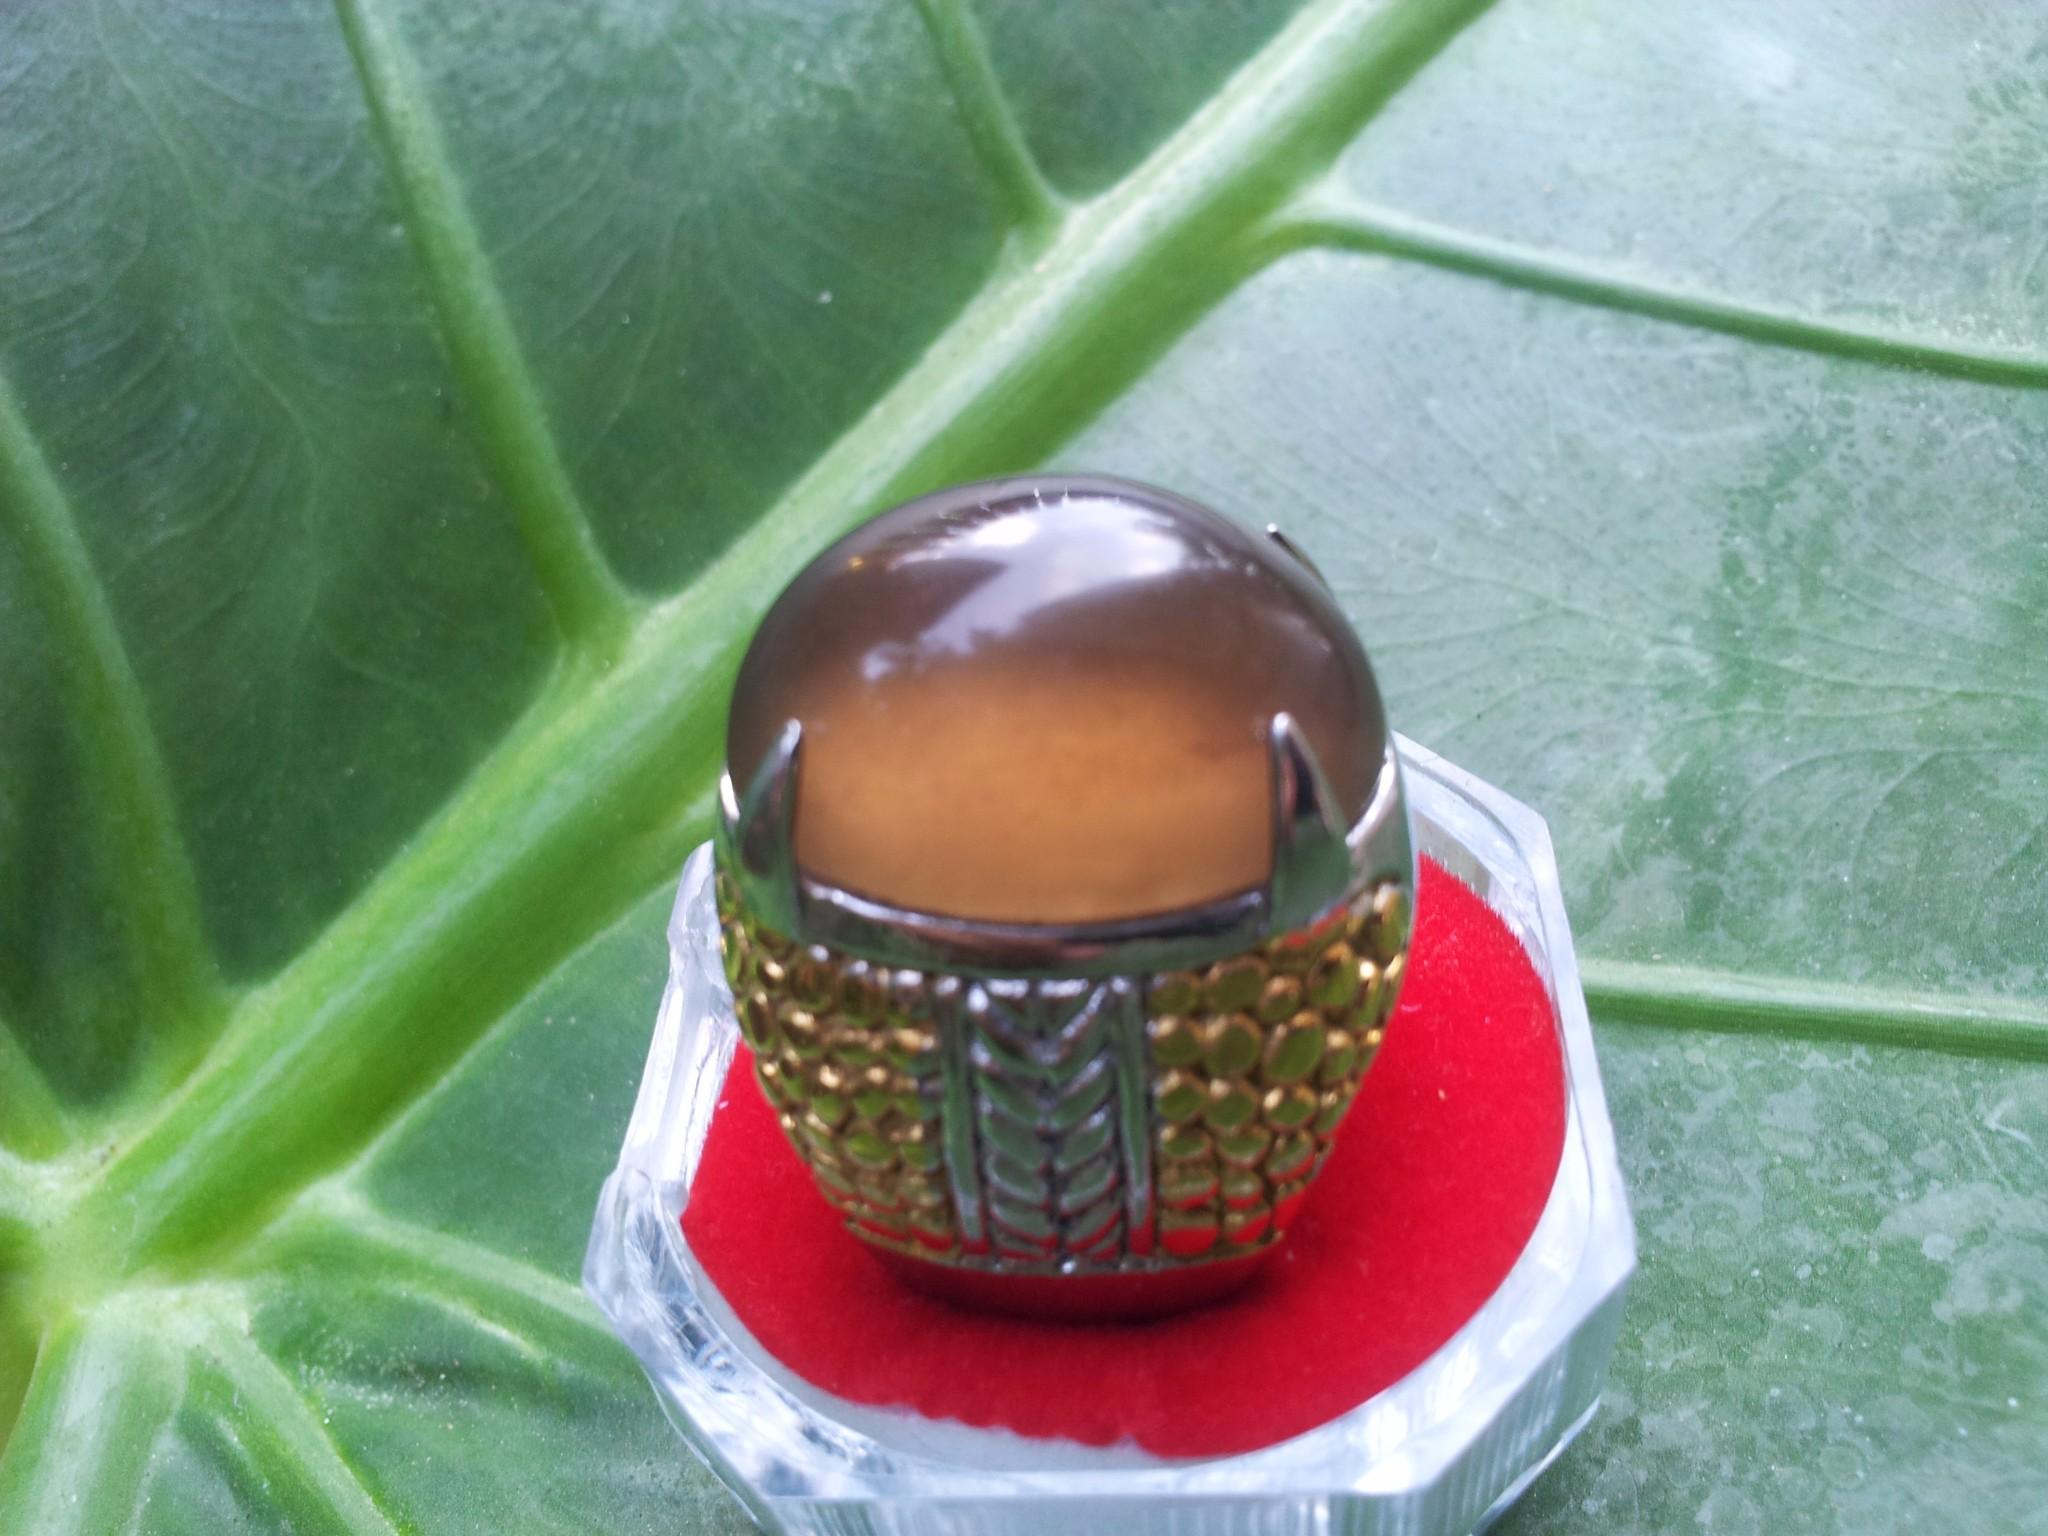 harga Batu cincin solar padang / solar solok / smoky quartz HQ  04 Tokopedia.com